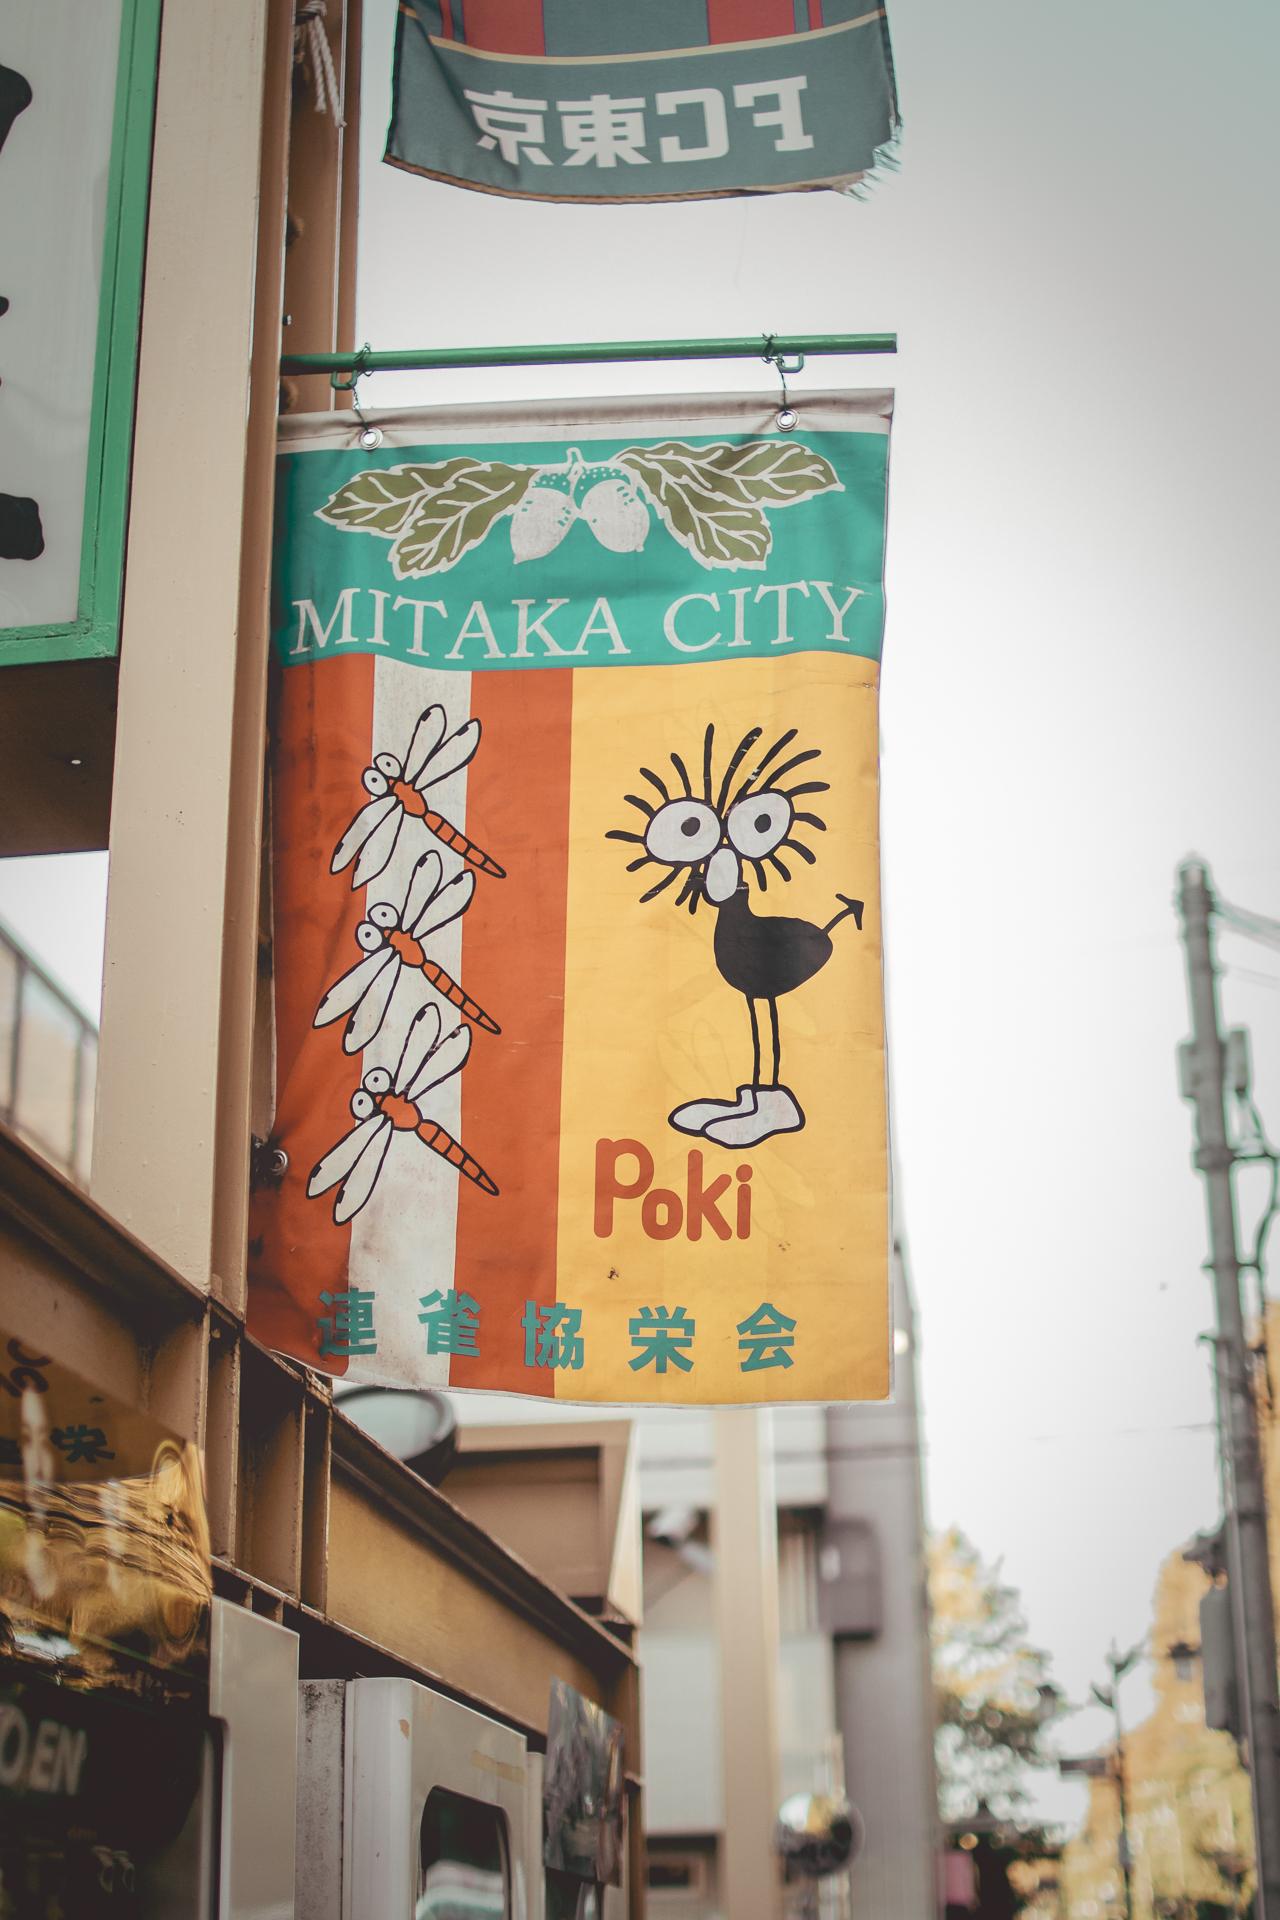 Mitaka City's mascot: Poki!